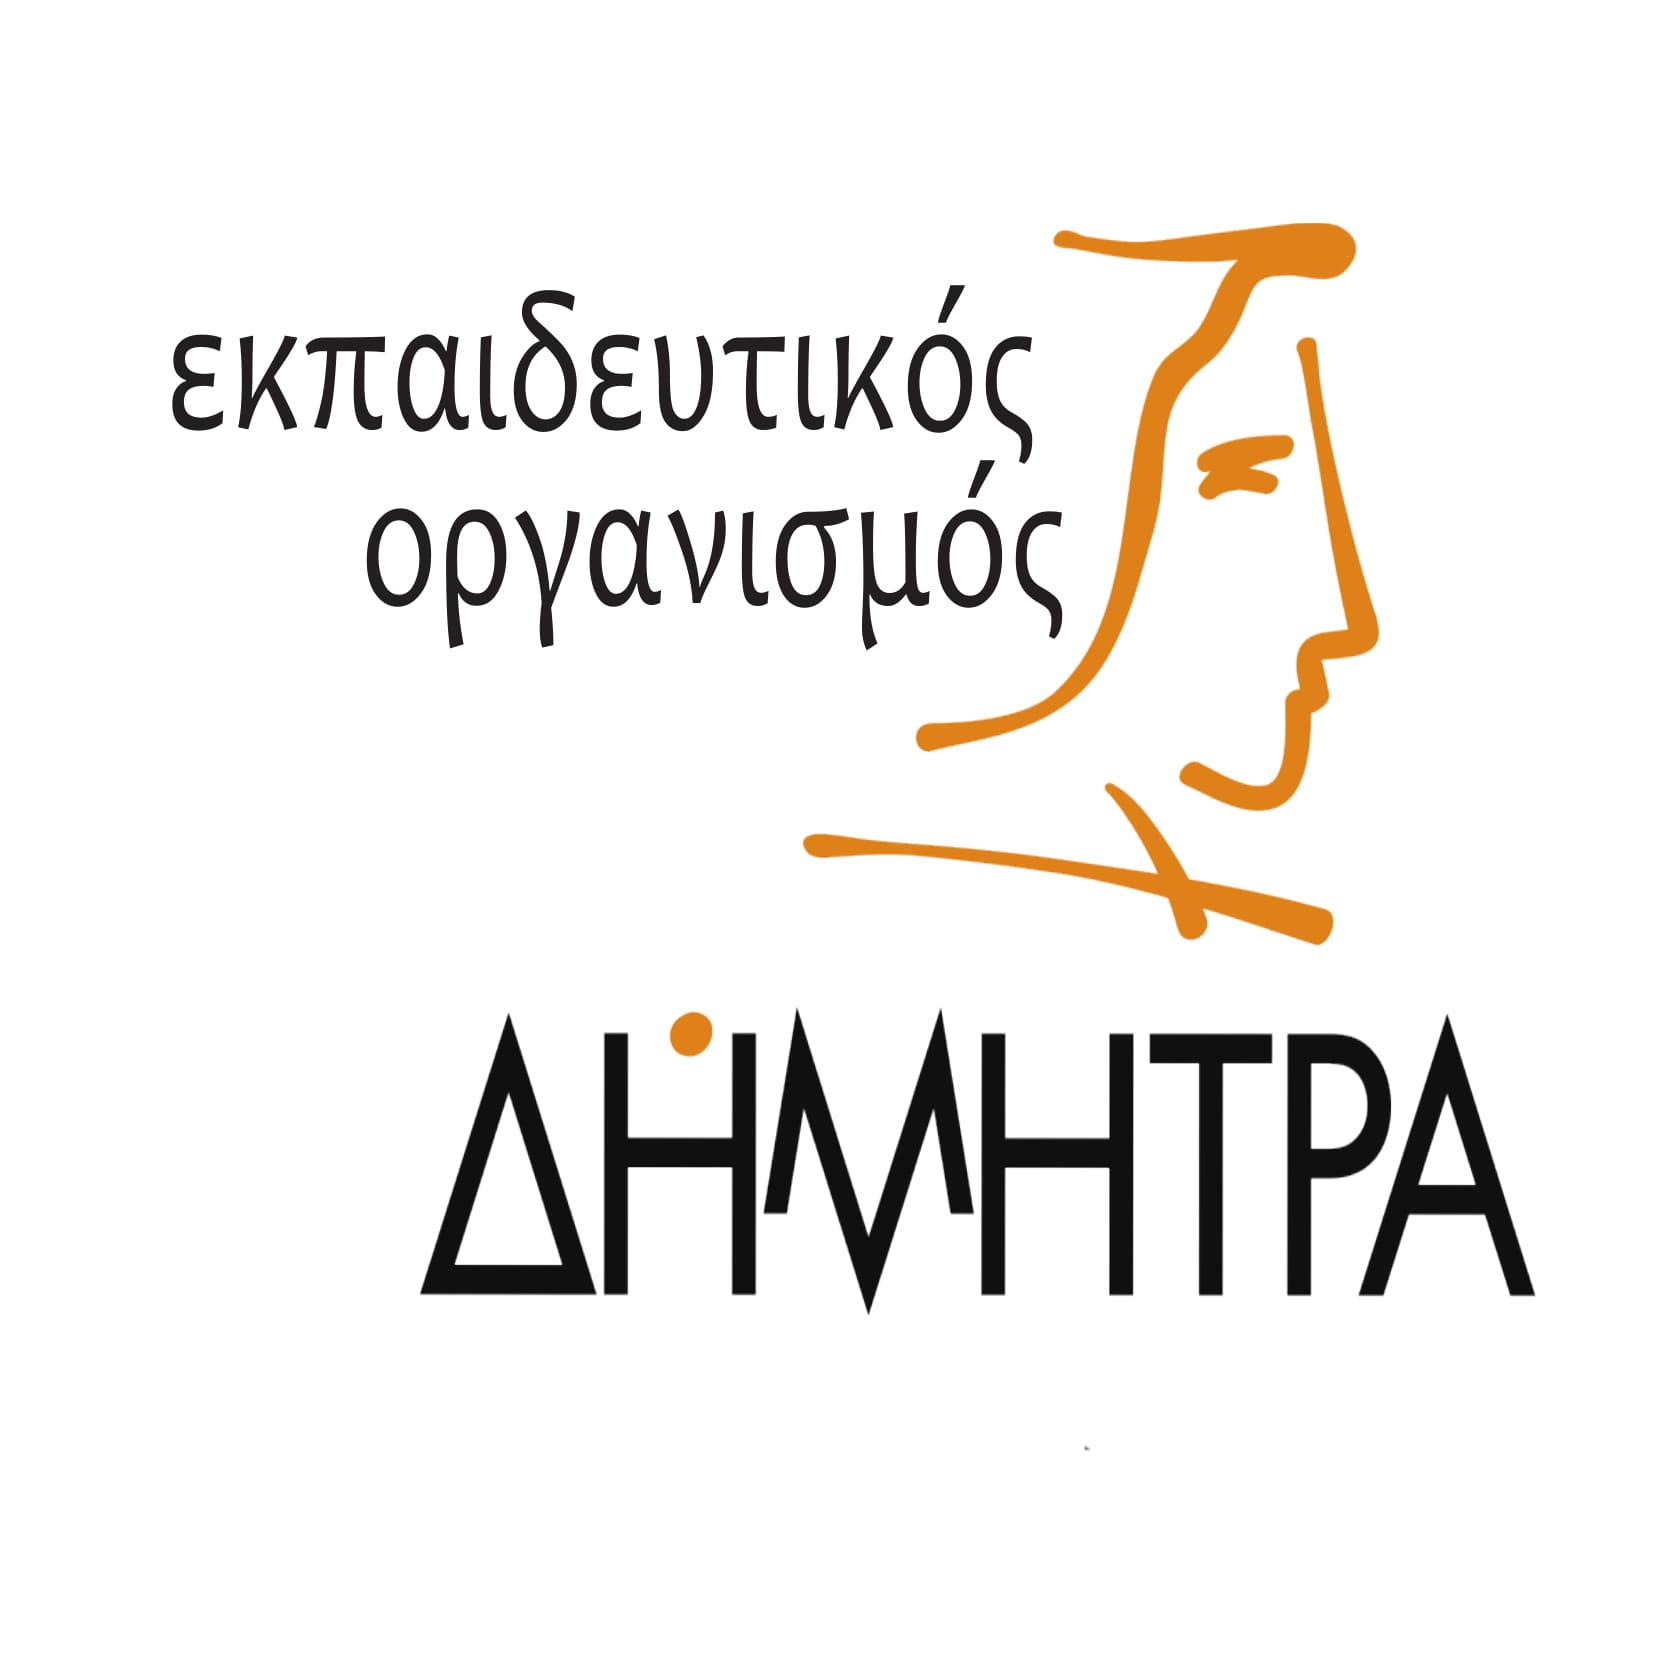 ΕΚΠΑΙΔΕΥΤΙΚΟΣ ΟΡΓΑΝΙΣΜΟΣ ΔΗΜΗΤΡΑ